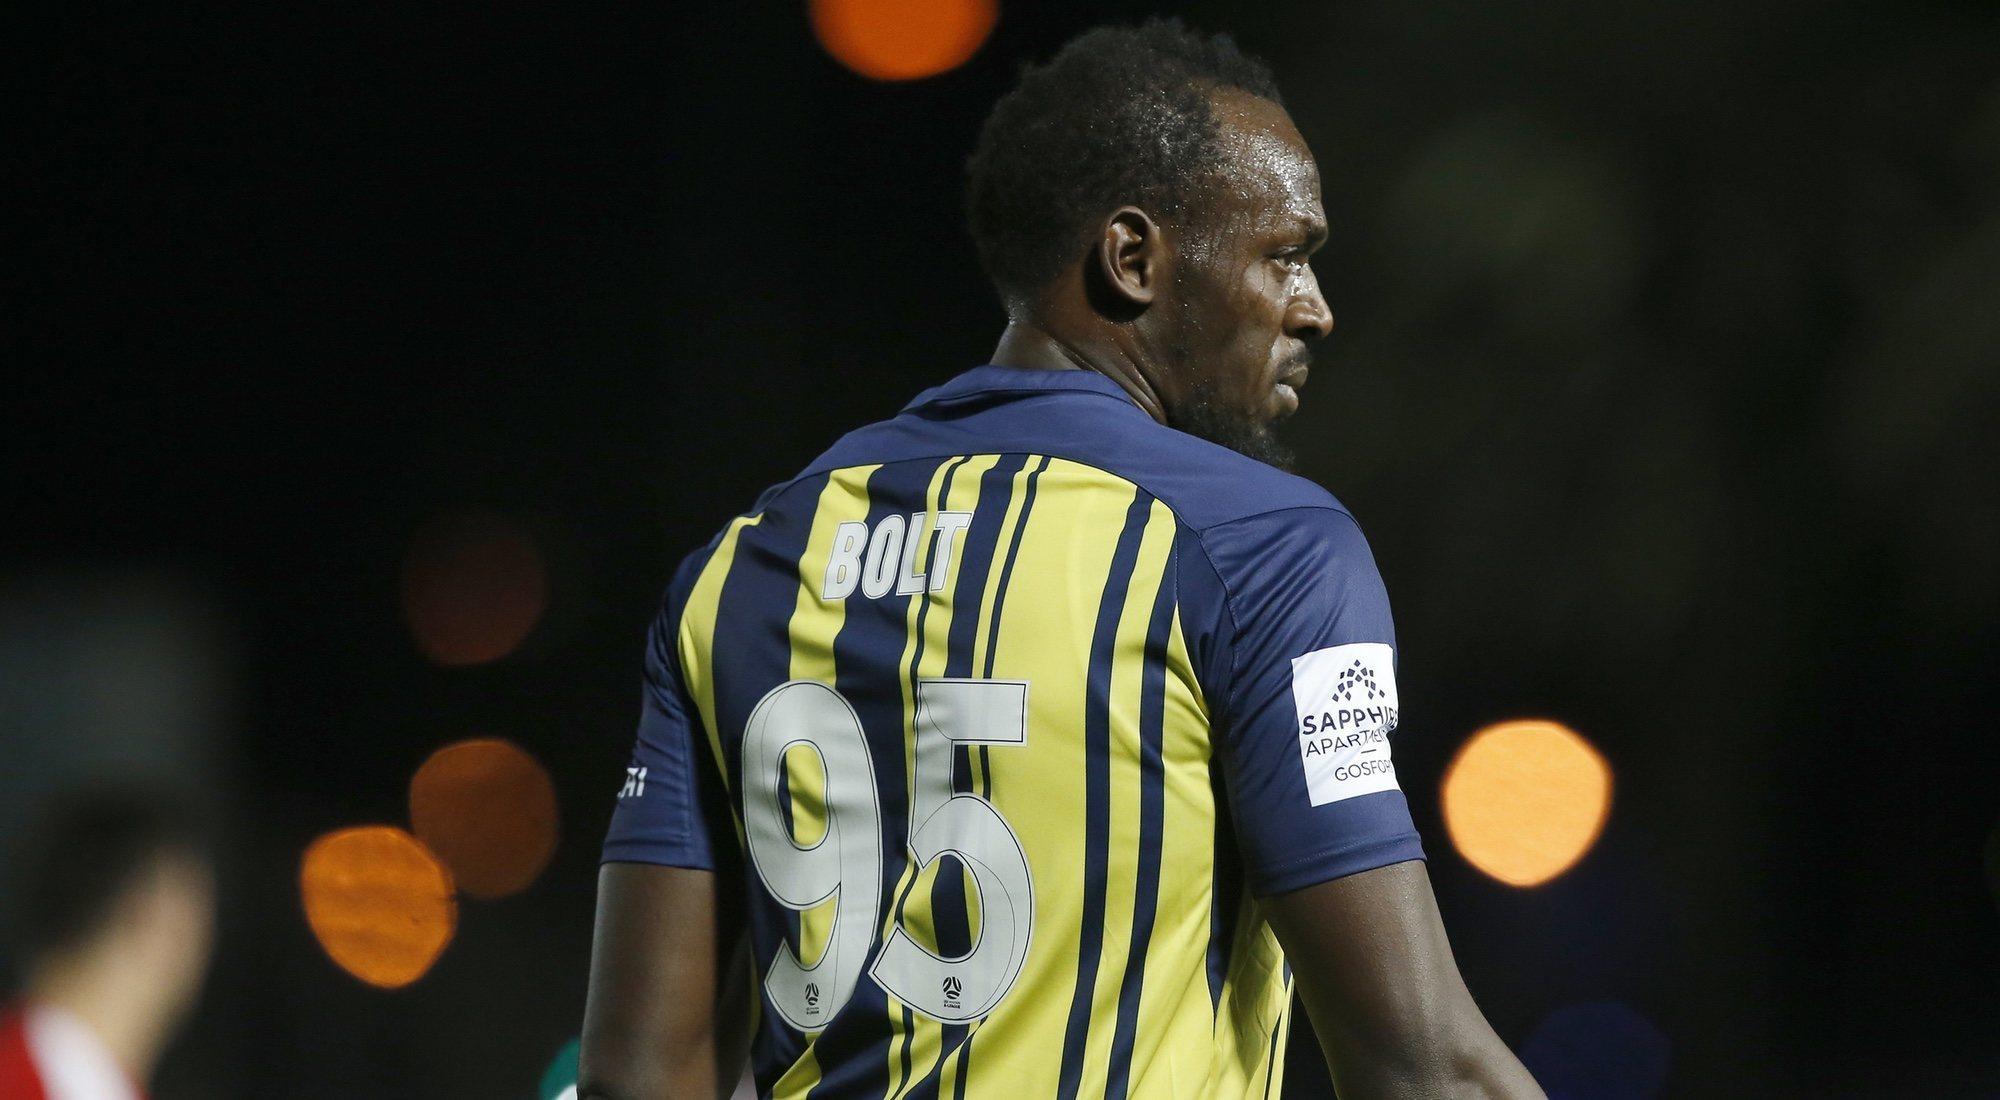 El Usain Bolt futbolista